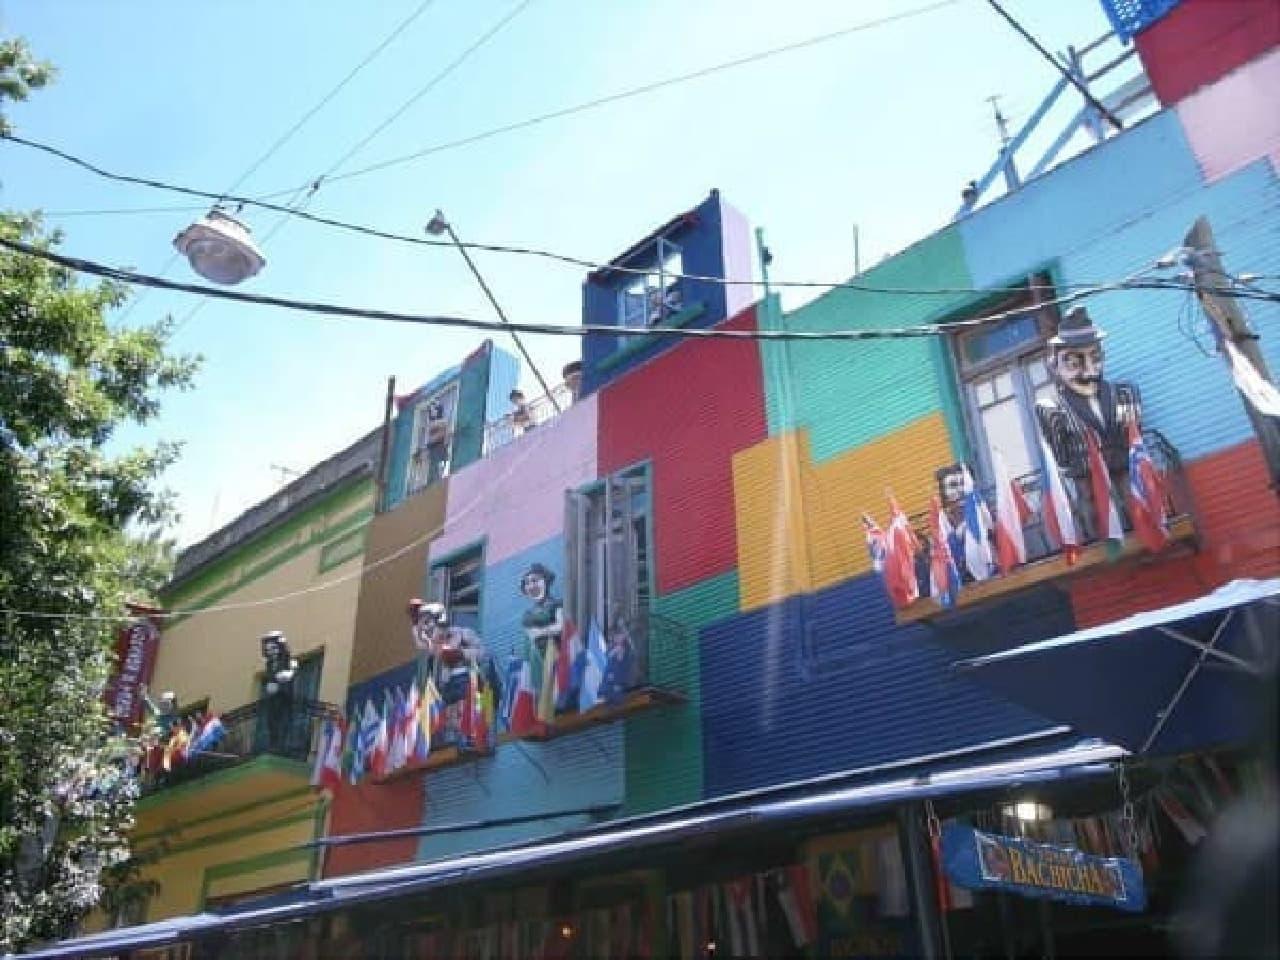 ブエノスアイレス「ボカ地区」 の街並み(写真提供:中尾さん)